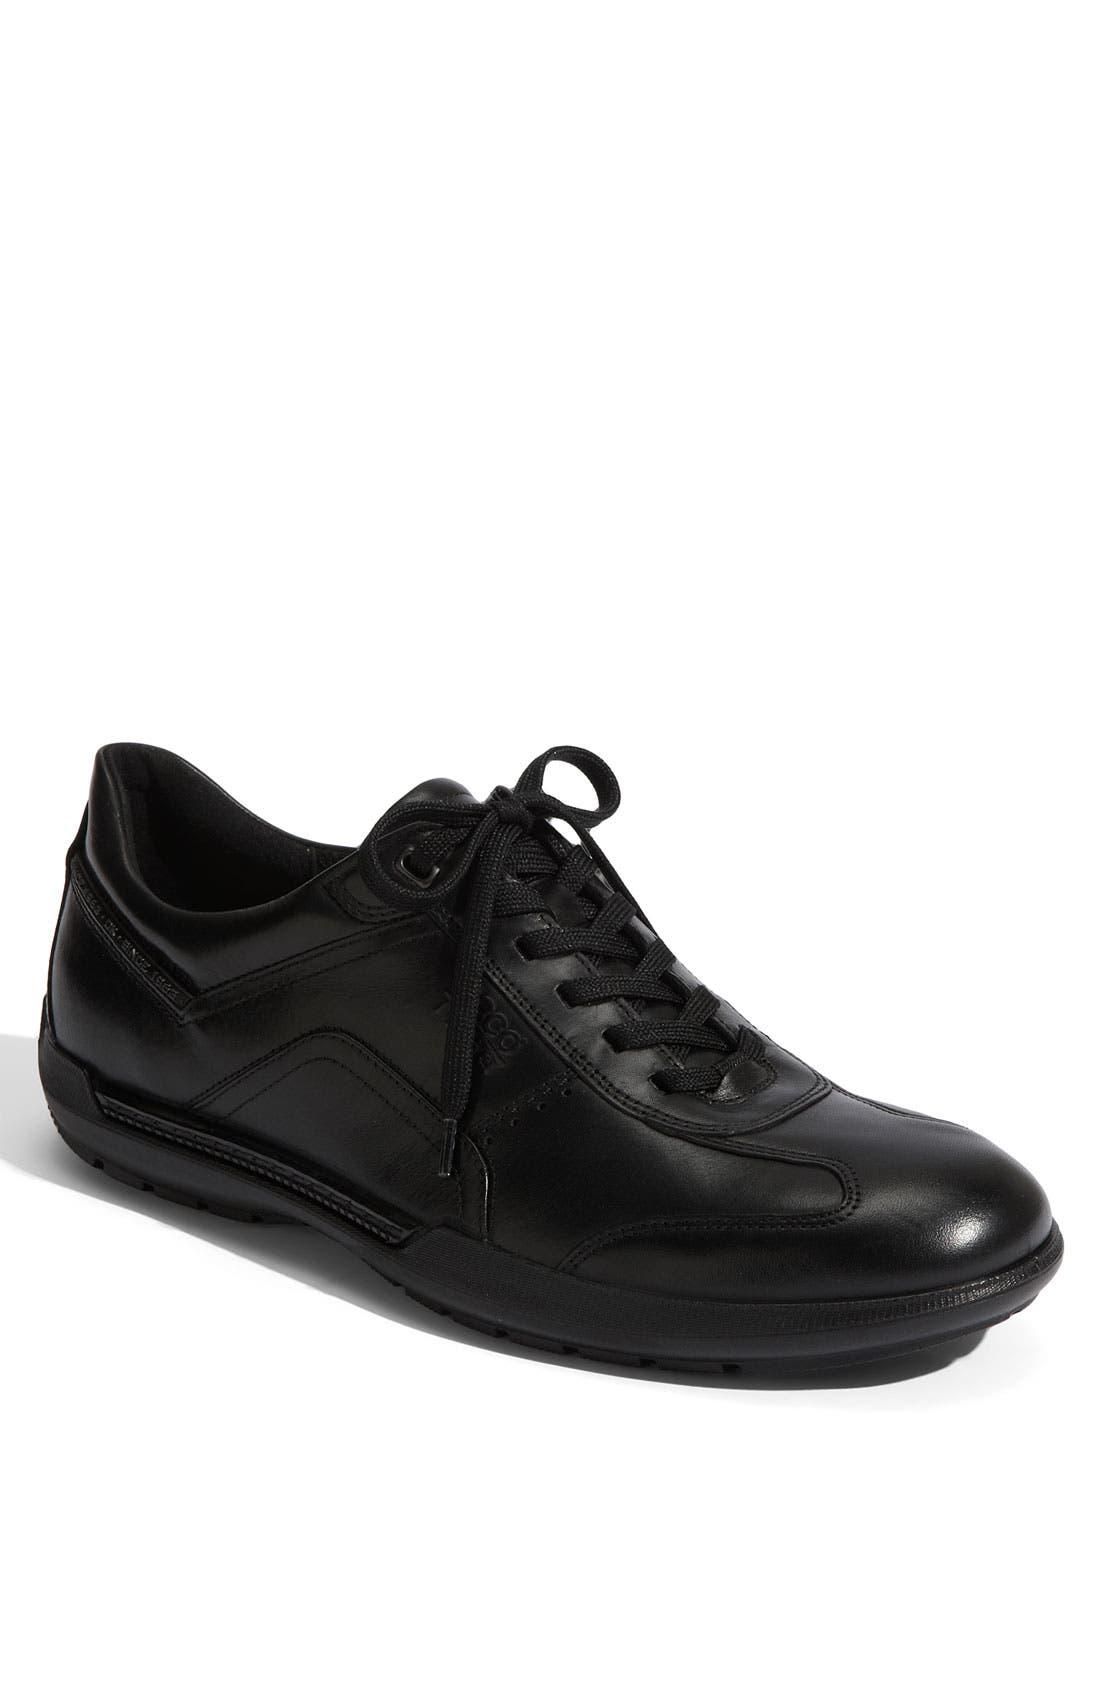 Main Image - ECCO 'Welt' Sneaker